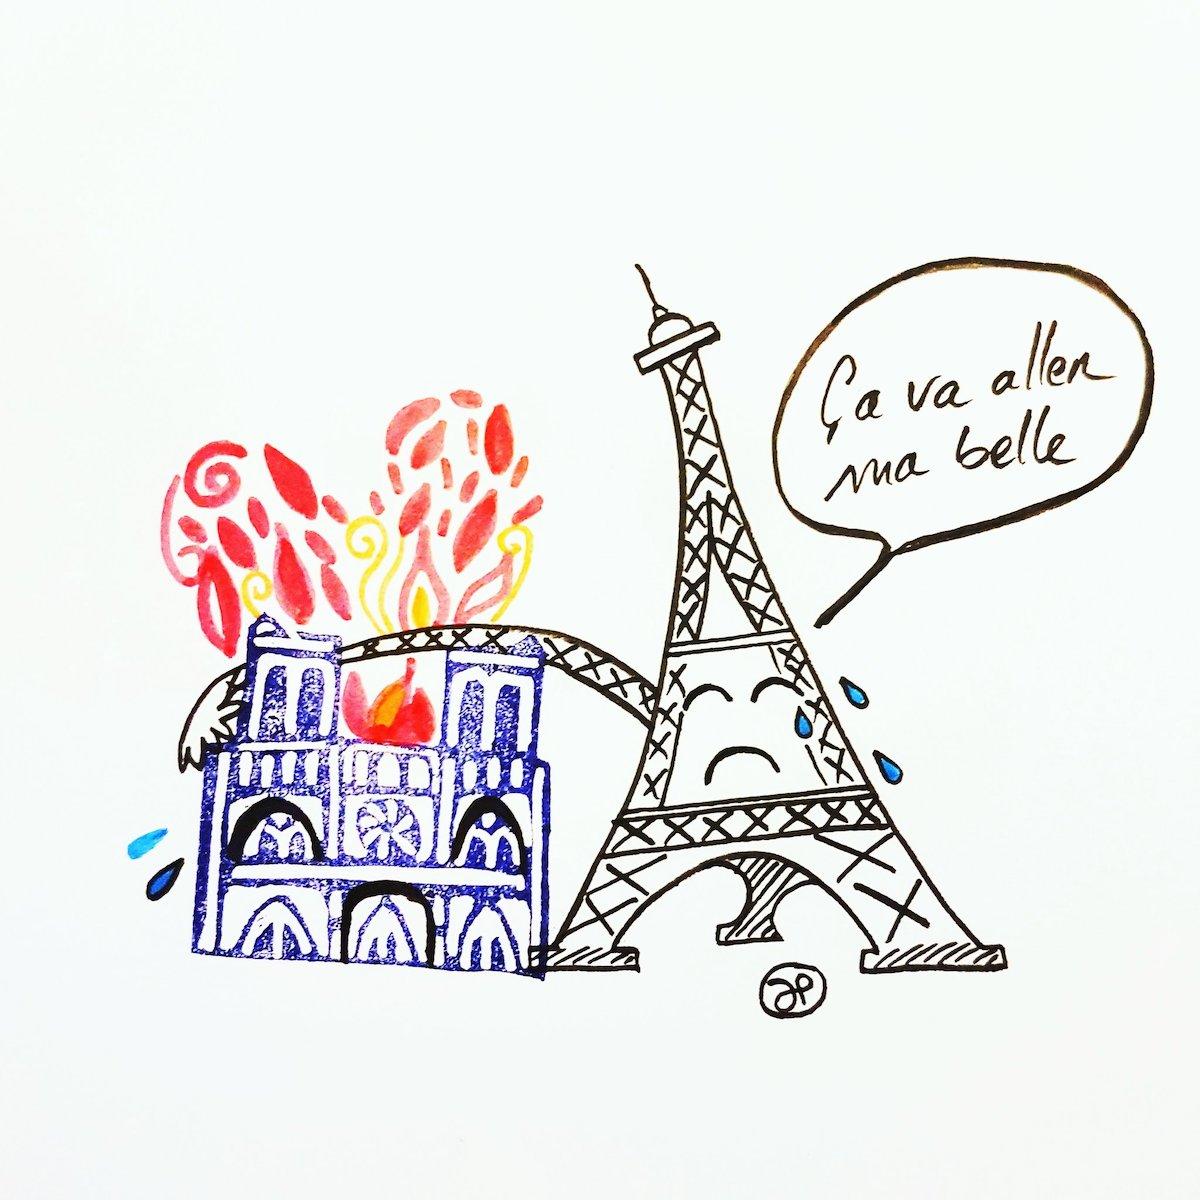 Hommage à Notre Dame de Paris Notre-dame-illustrations-hommage-incendie-16